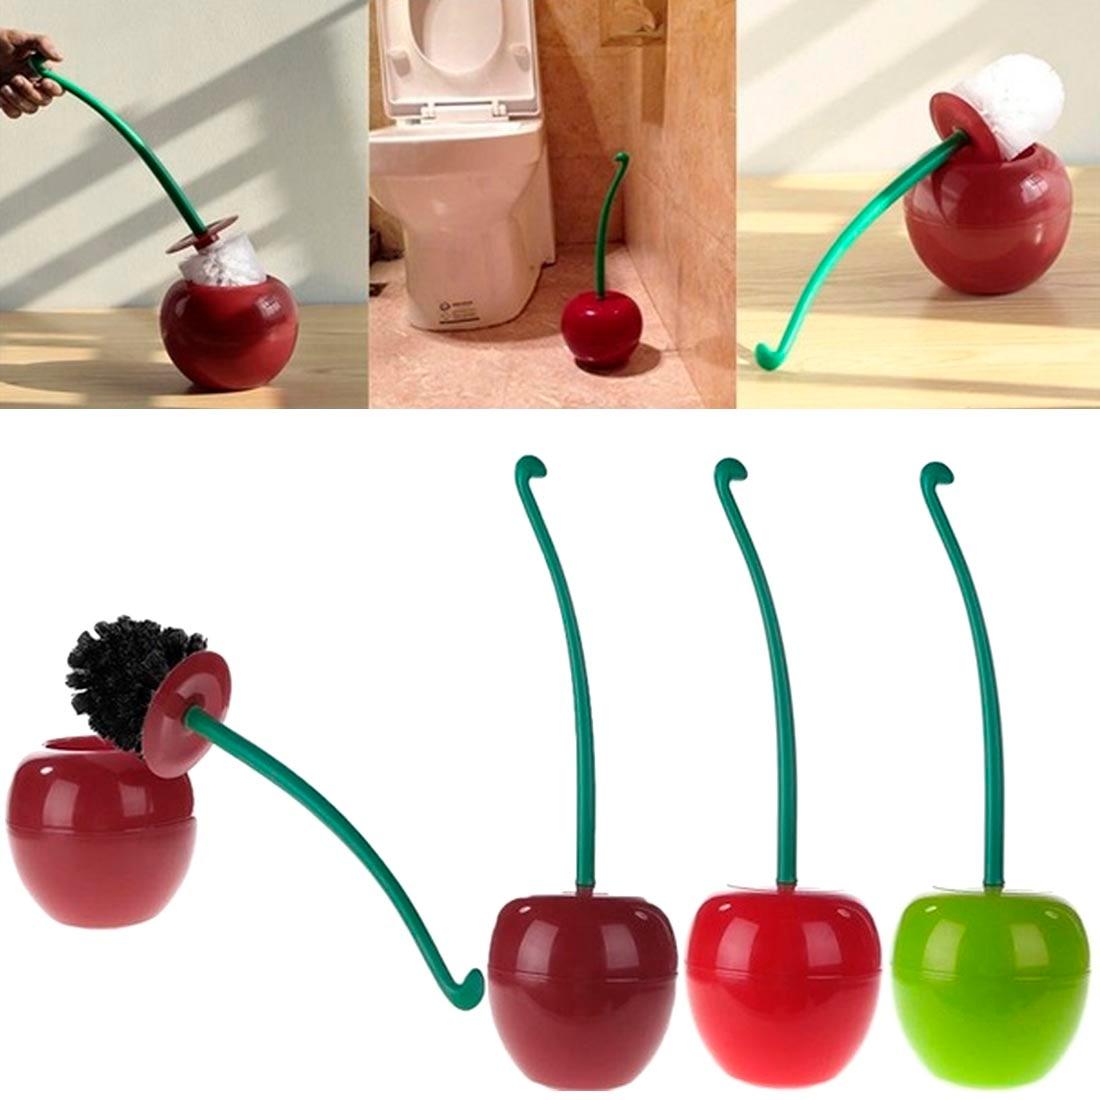 Cepillo de baño de moda, creativo, hermosa cereza, forma de cepillo para inodoro, Juego de cepillos de inodoro y soporte, Move Cherry 380x130mm